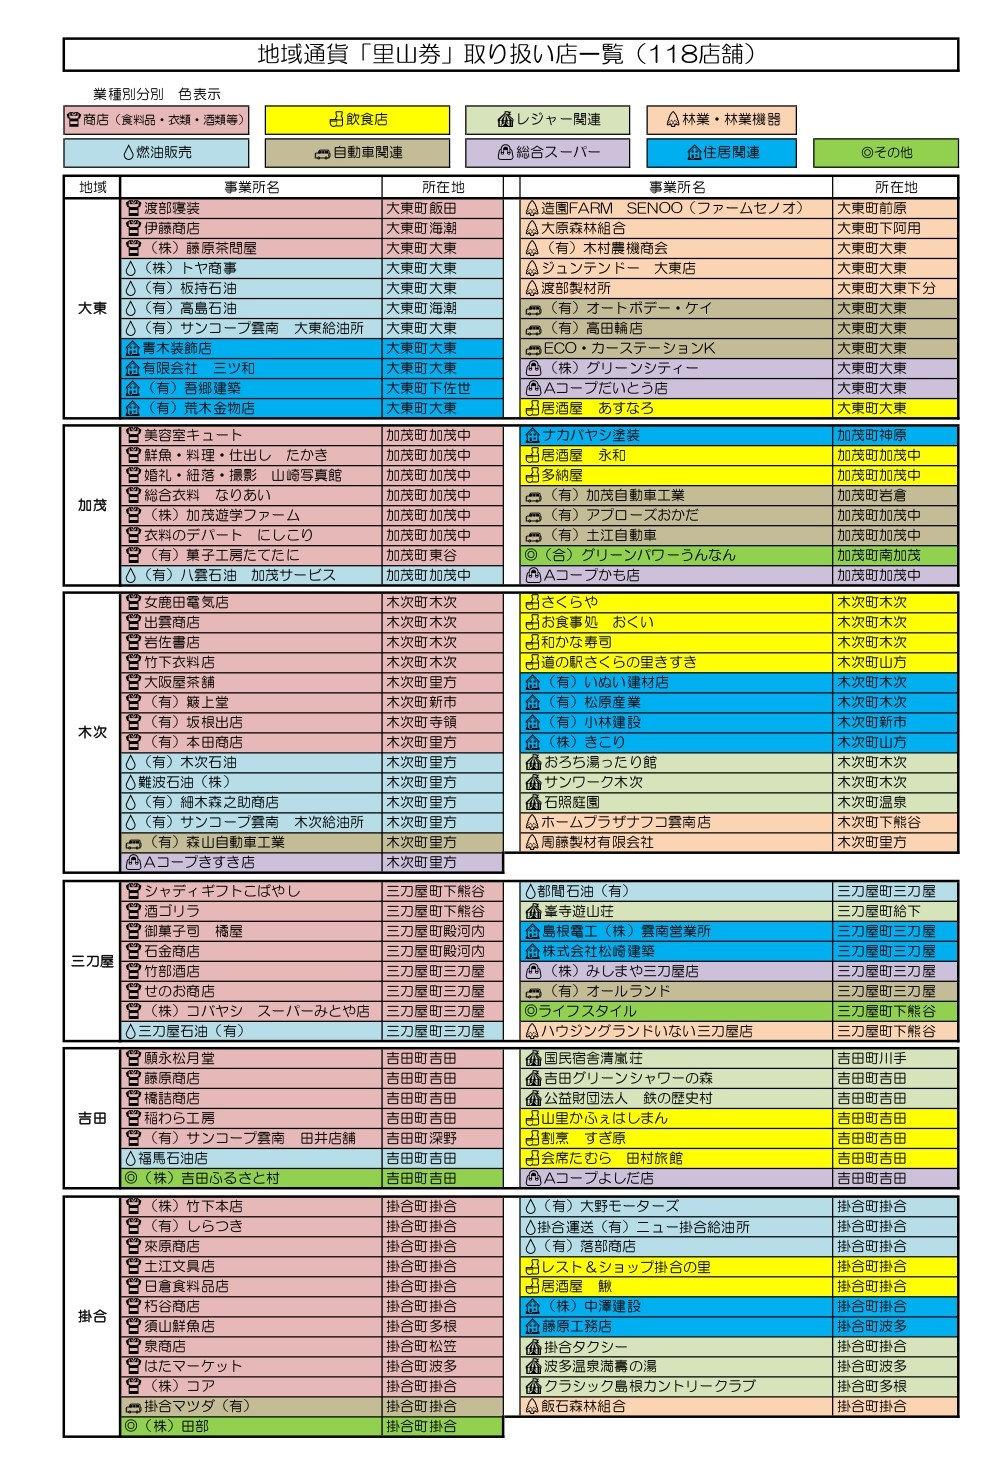 里山券_1119_nishikorirevised_page-0001.jpg